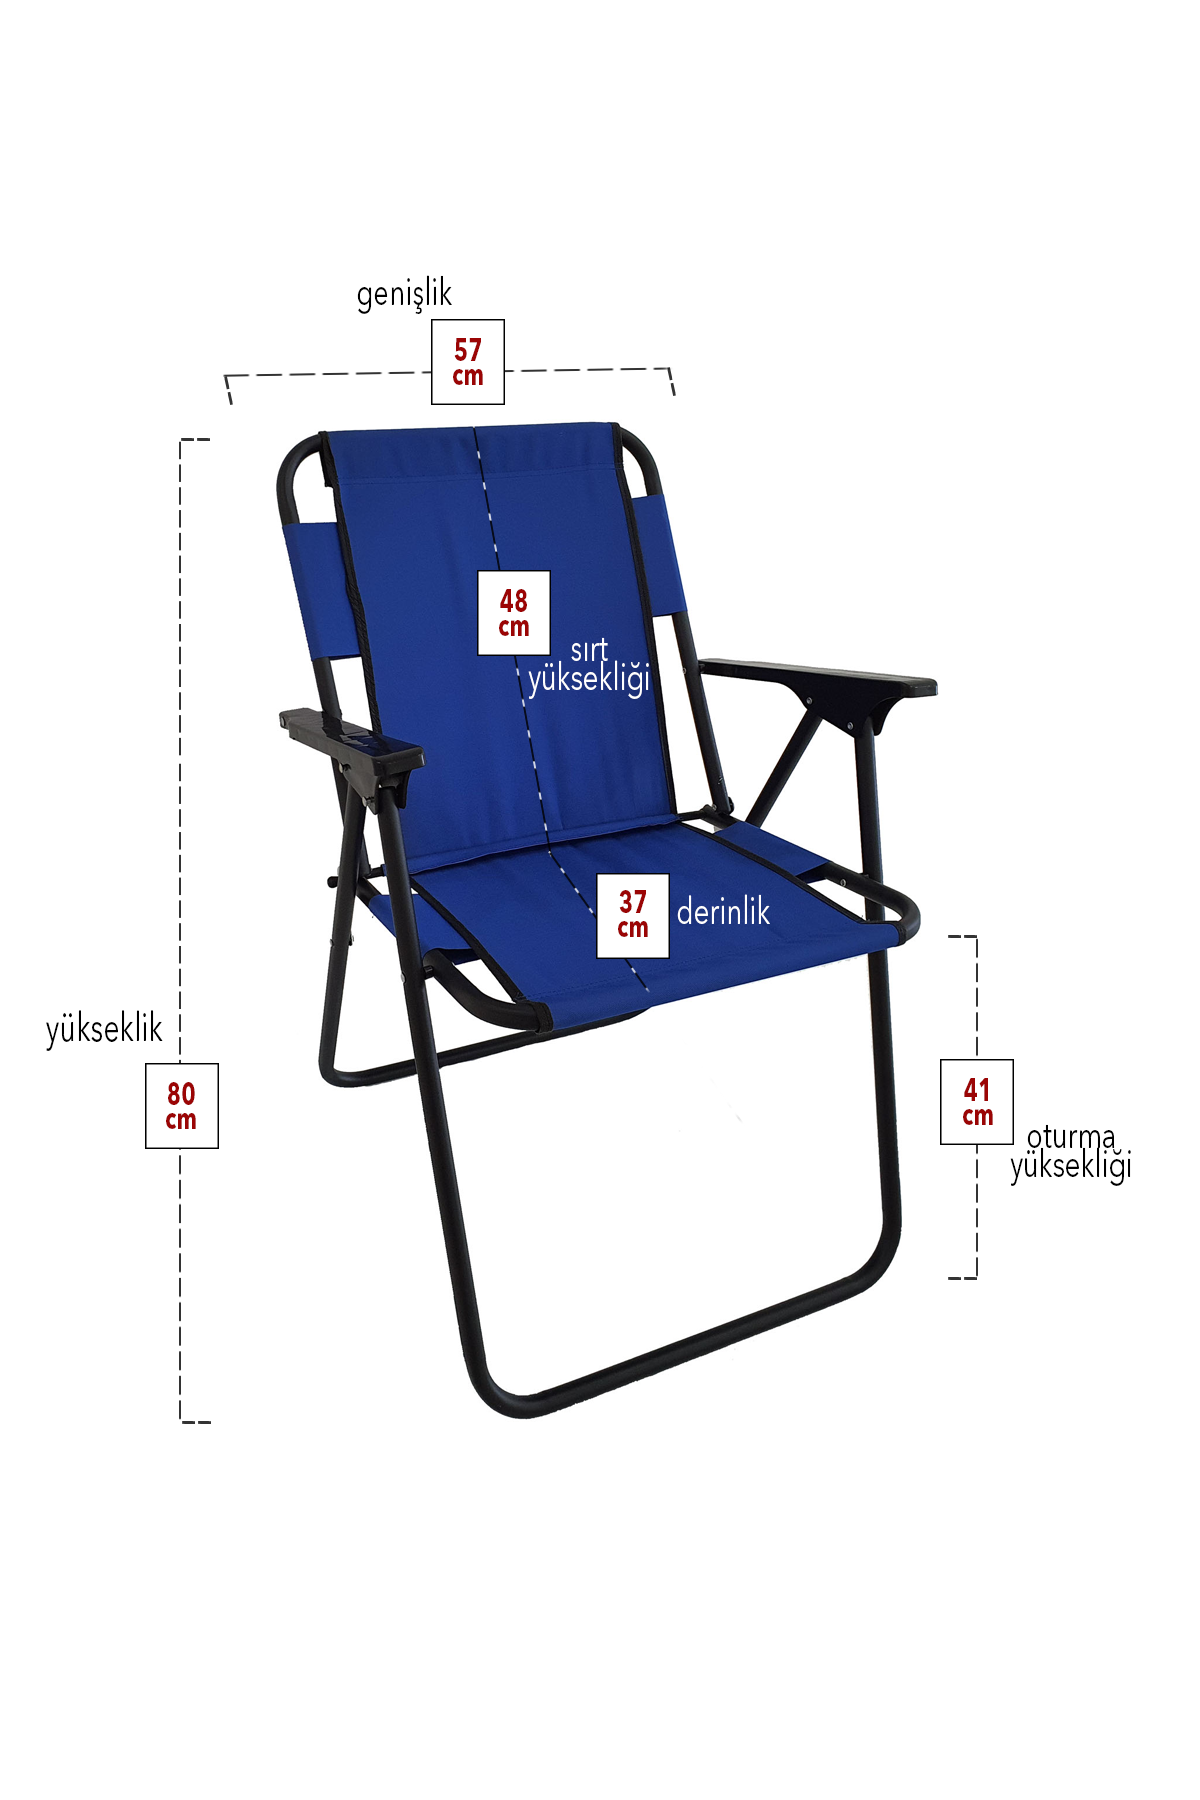 Bofigo 2 Pcs Camping Chair Folding Chair Picnic Chair Beach Chair Blue